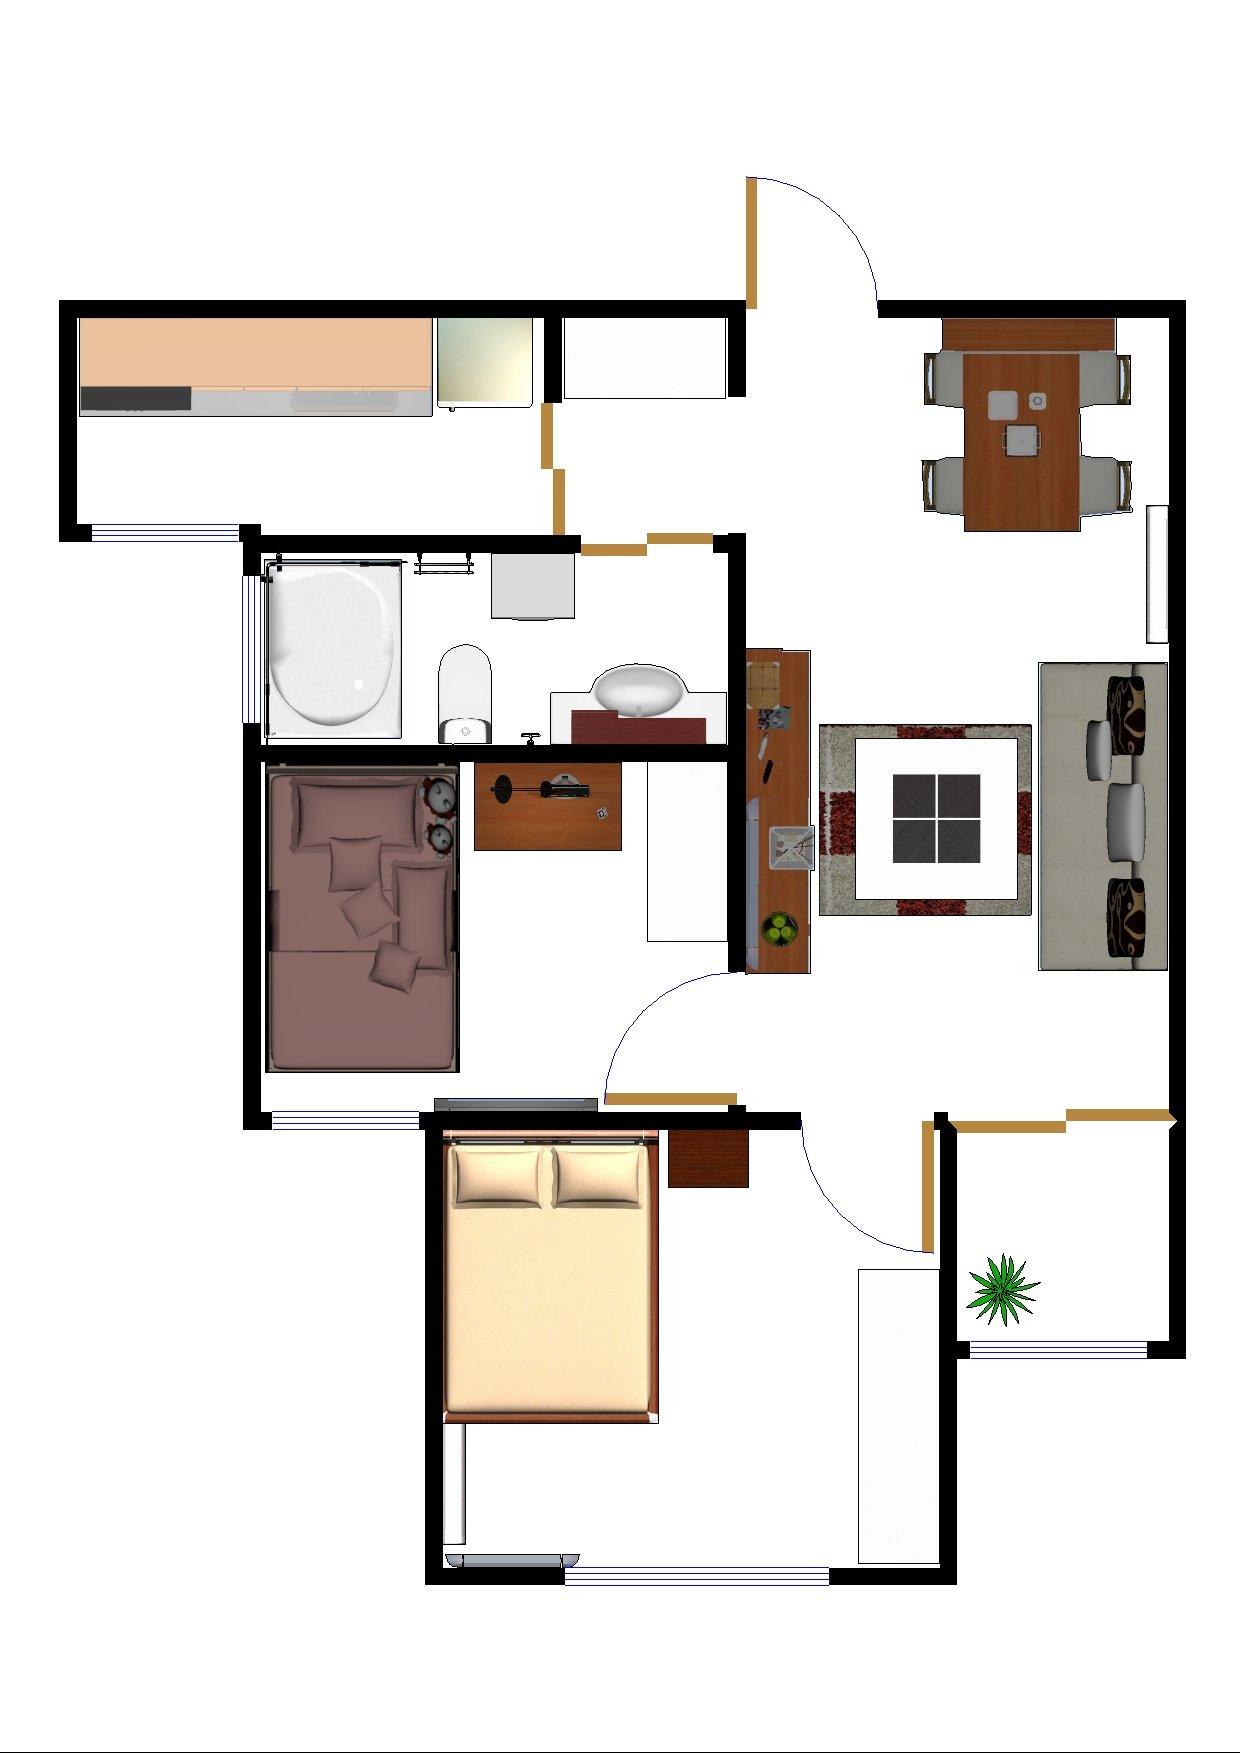 主题:72平房子自己画的装修平面设计图,两种房间布置方案,老婆要南北图片